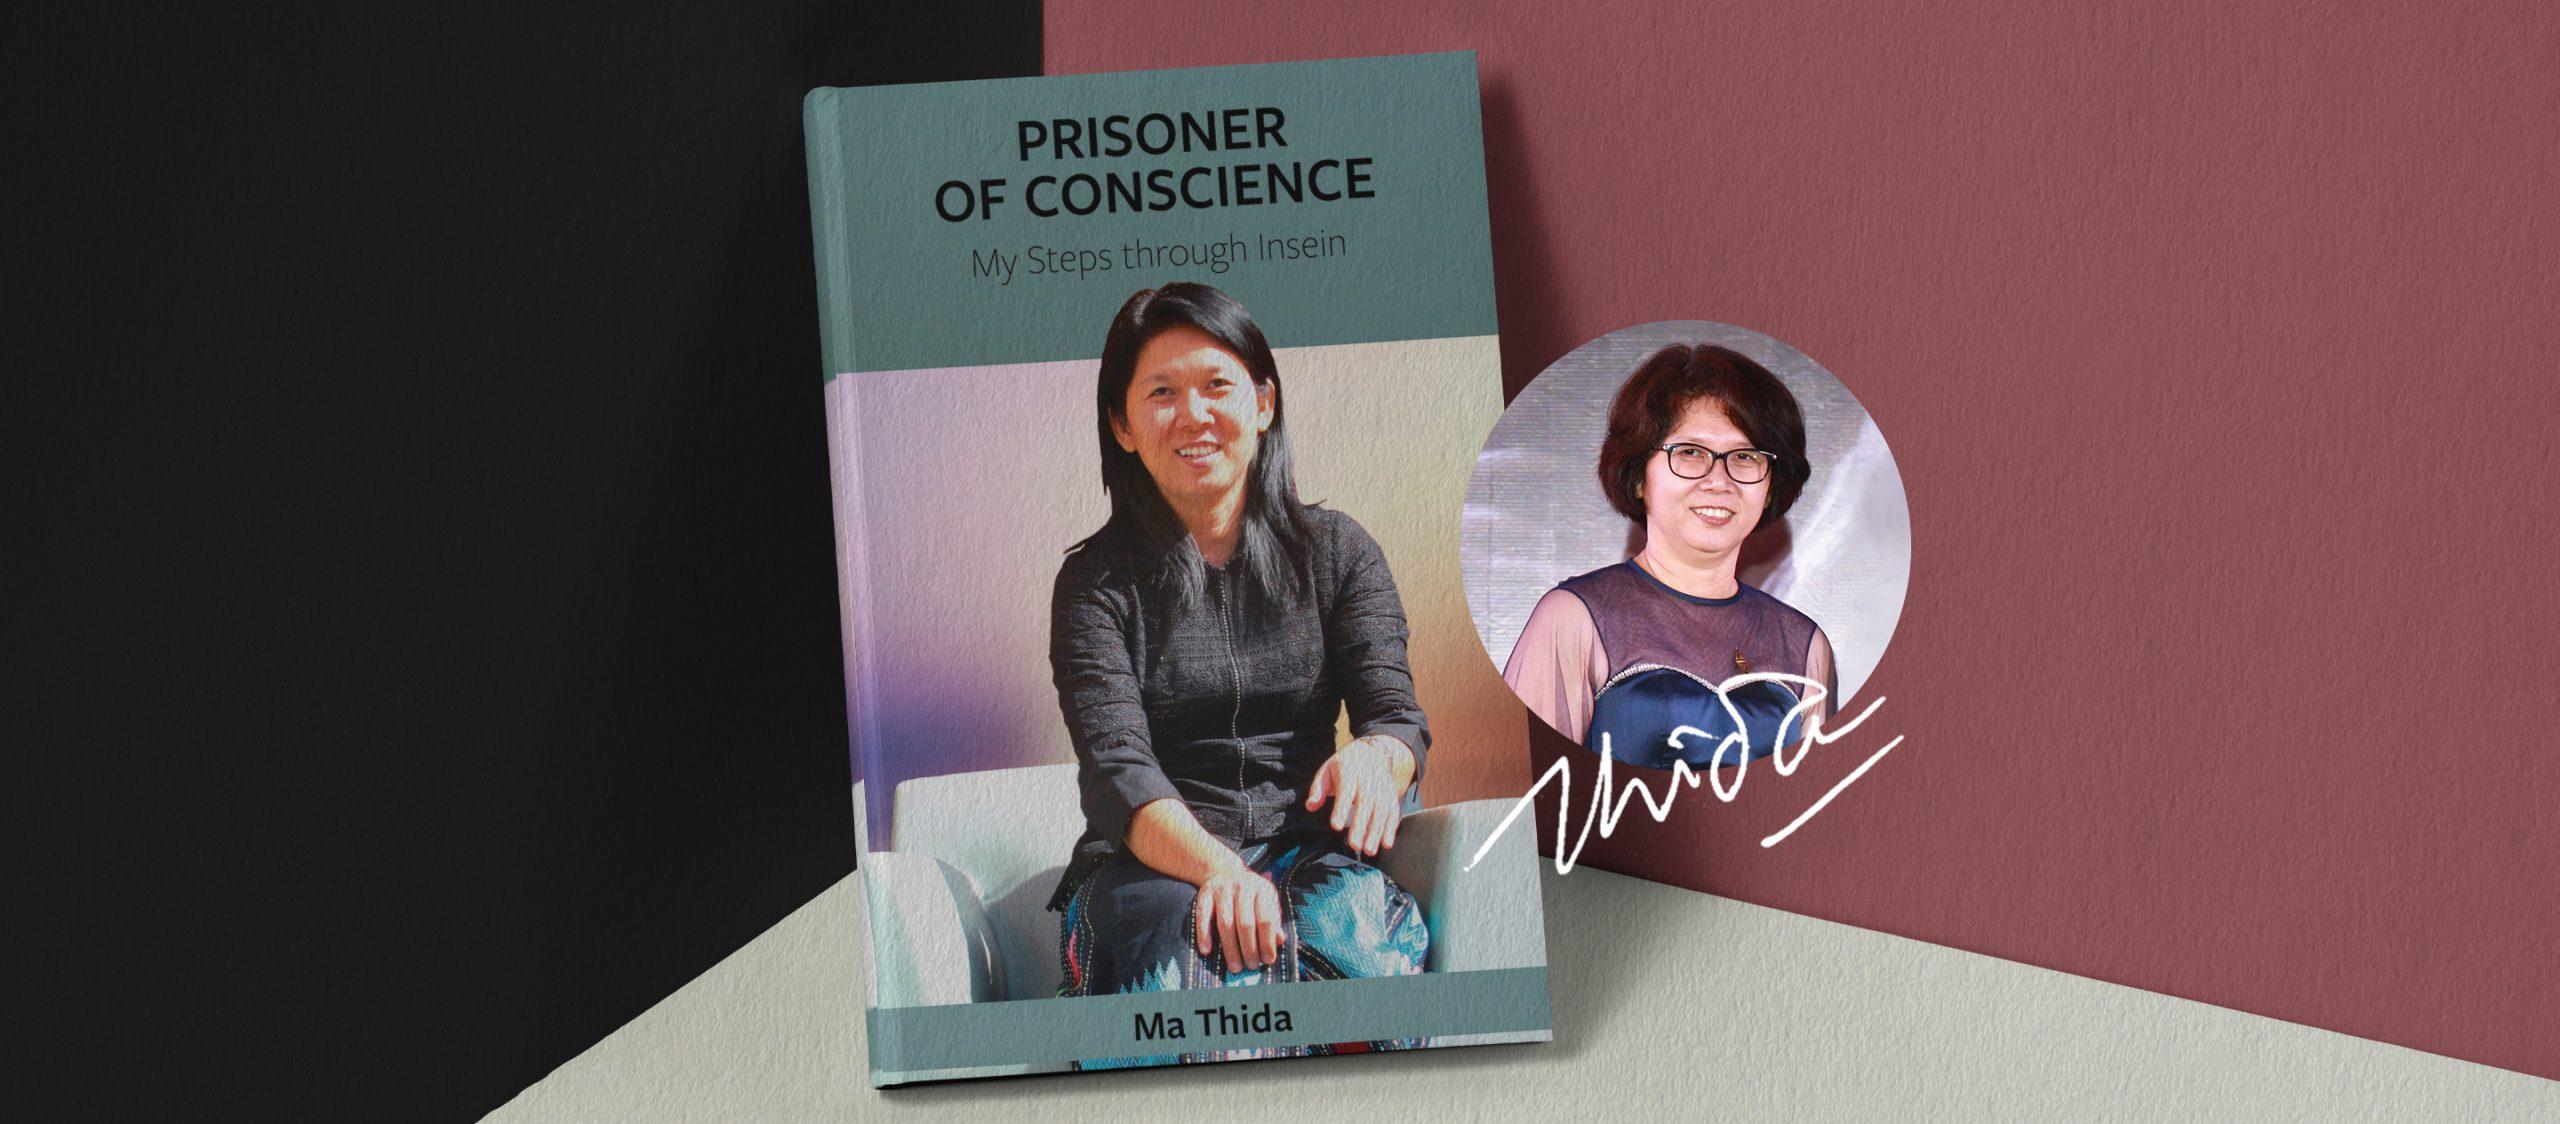 """""""ฉันแค่ต้องการจะล้มล้างระบอบที่ไม่เป็นธรรม"""" คุยกับ Ma Thida นักเขียนชาวเมียนมาผู้ติดคุกเพราะต้านเผด็จการ"""